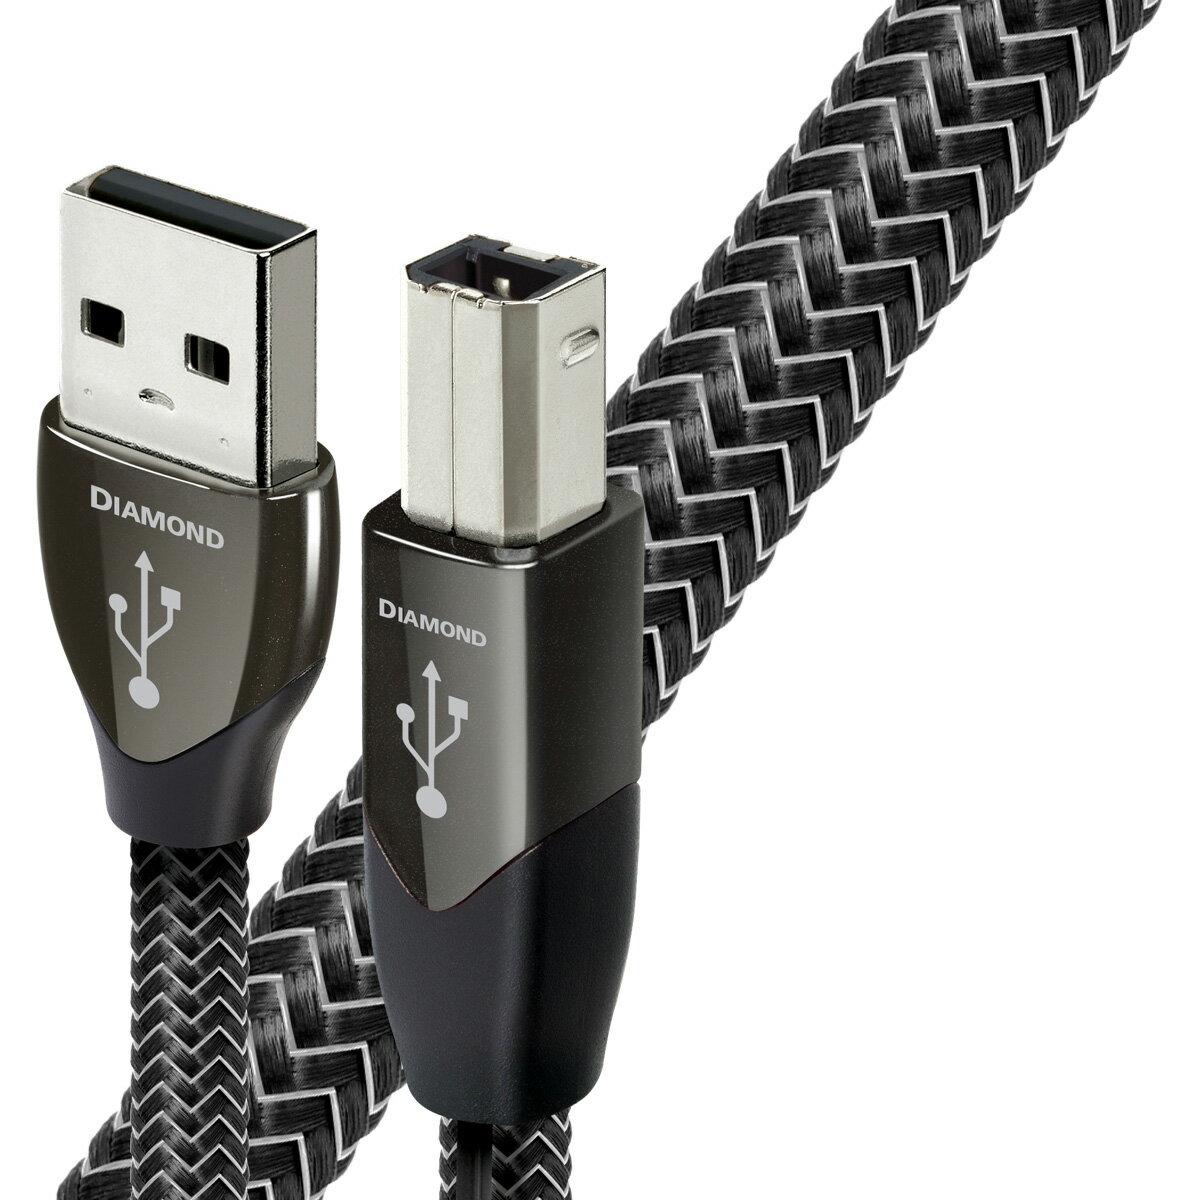 """USB2 Diamond 1.5M/A to B オーディオクエスト オーディオグレードUSBケーブル(0.75m・1本)【A】タイプ⇒【B】タイプ audio-quest""""ダイヤモンド"""""""